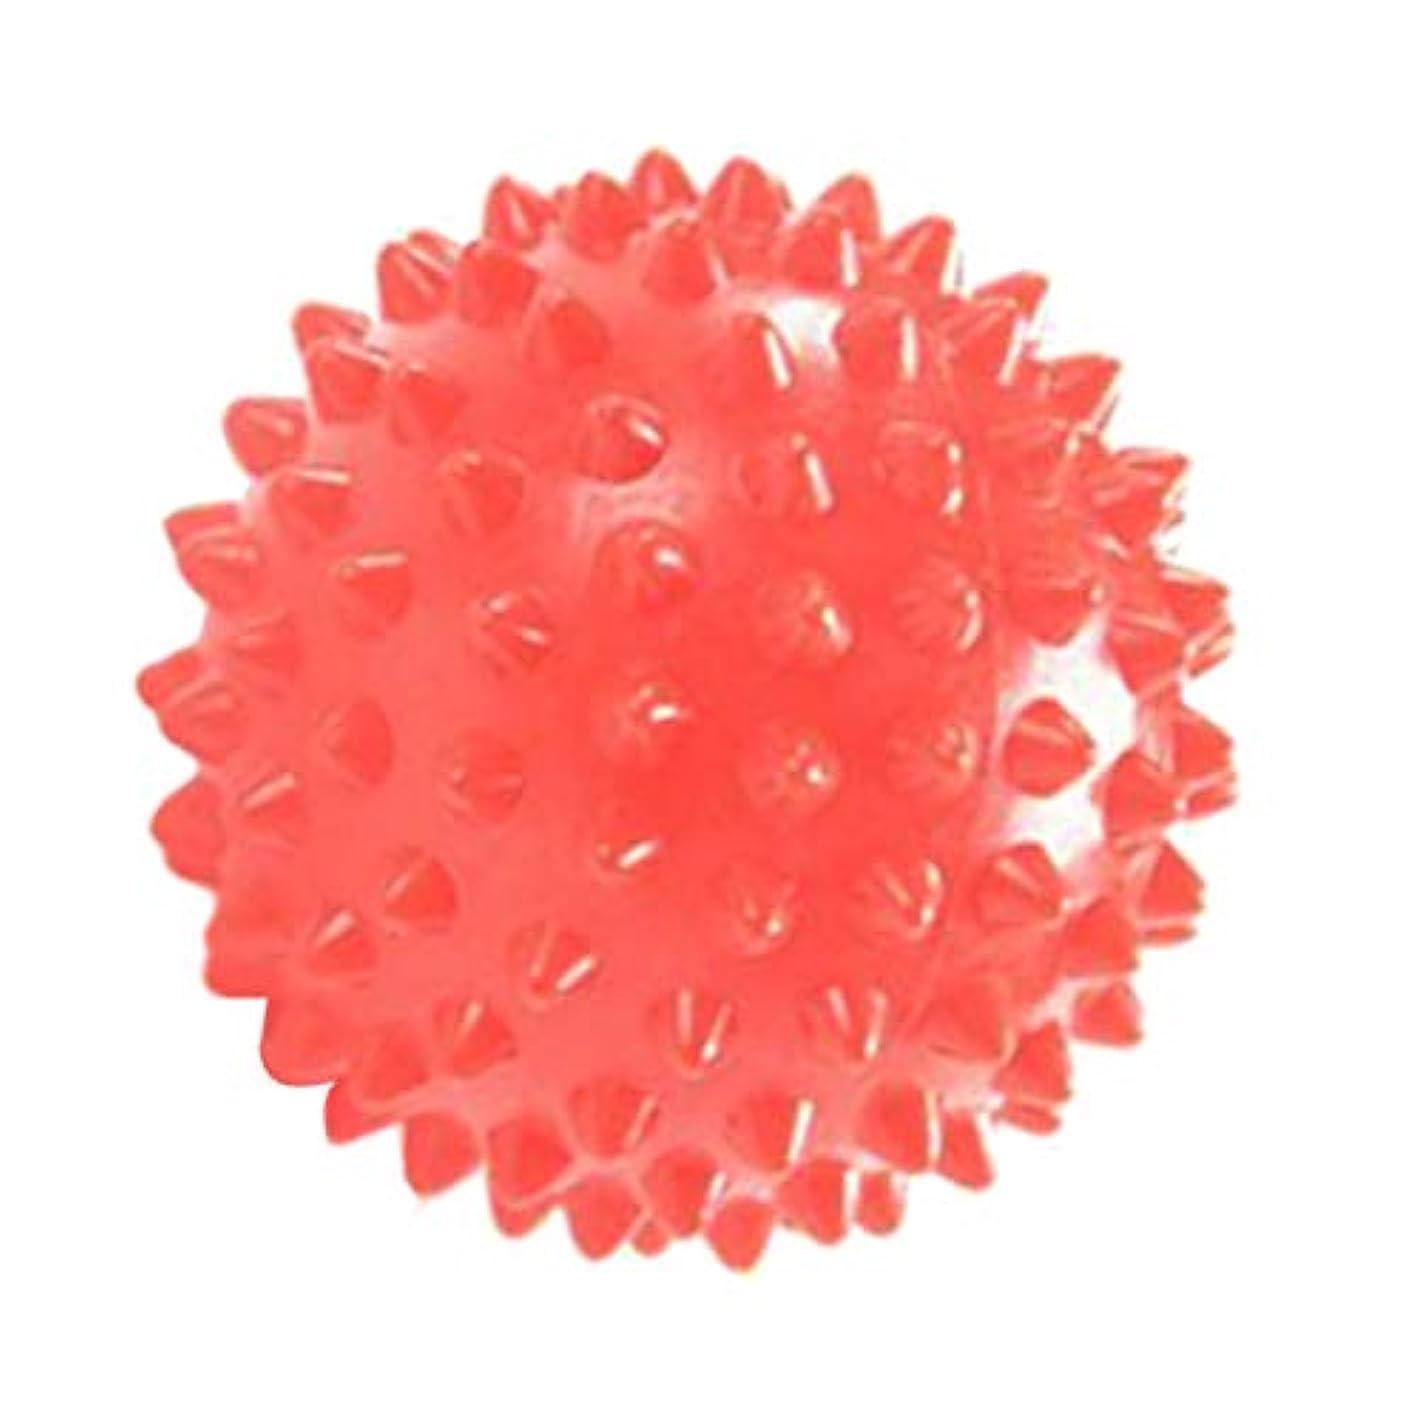 以前はメキシコデコレーション指圧ボール 触覚ボール マッサージローラー ローラーボール 軽量 持ち運び便利 補助ツール